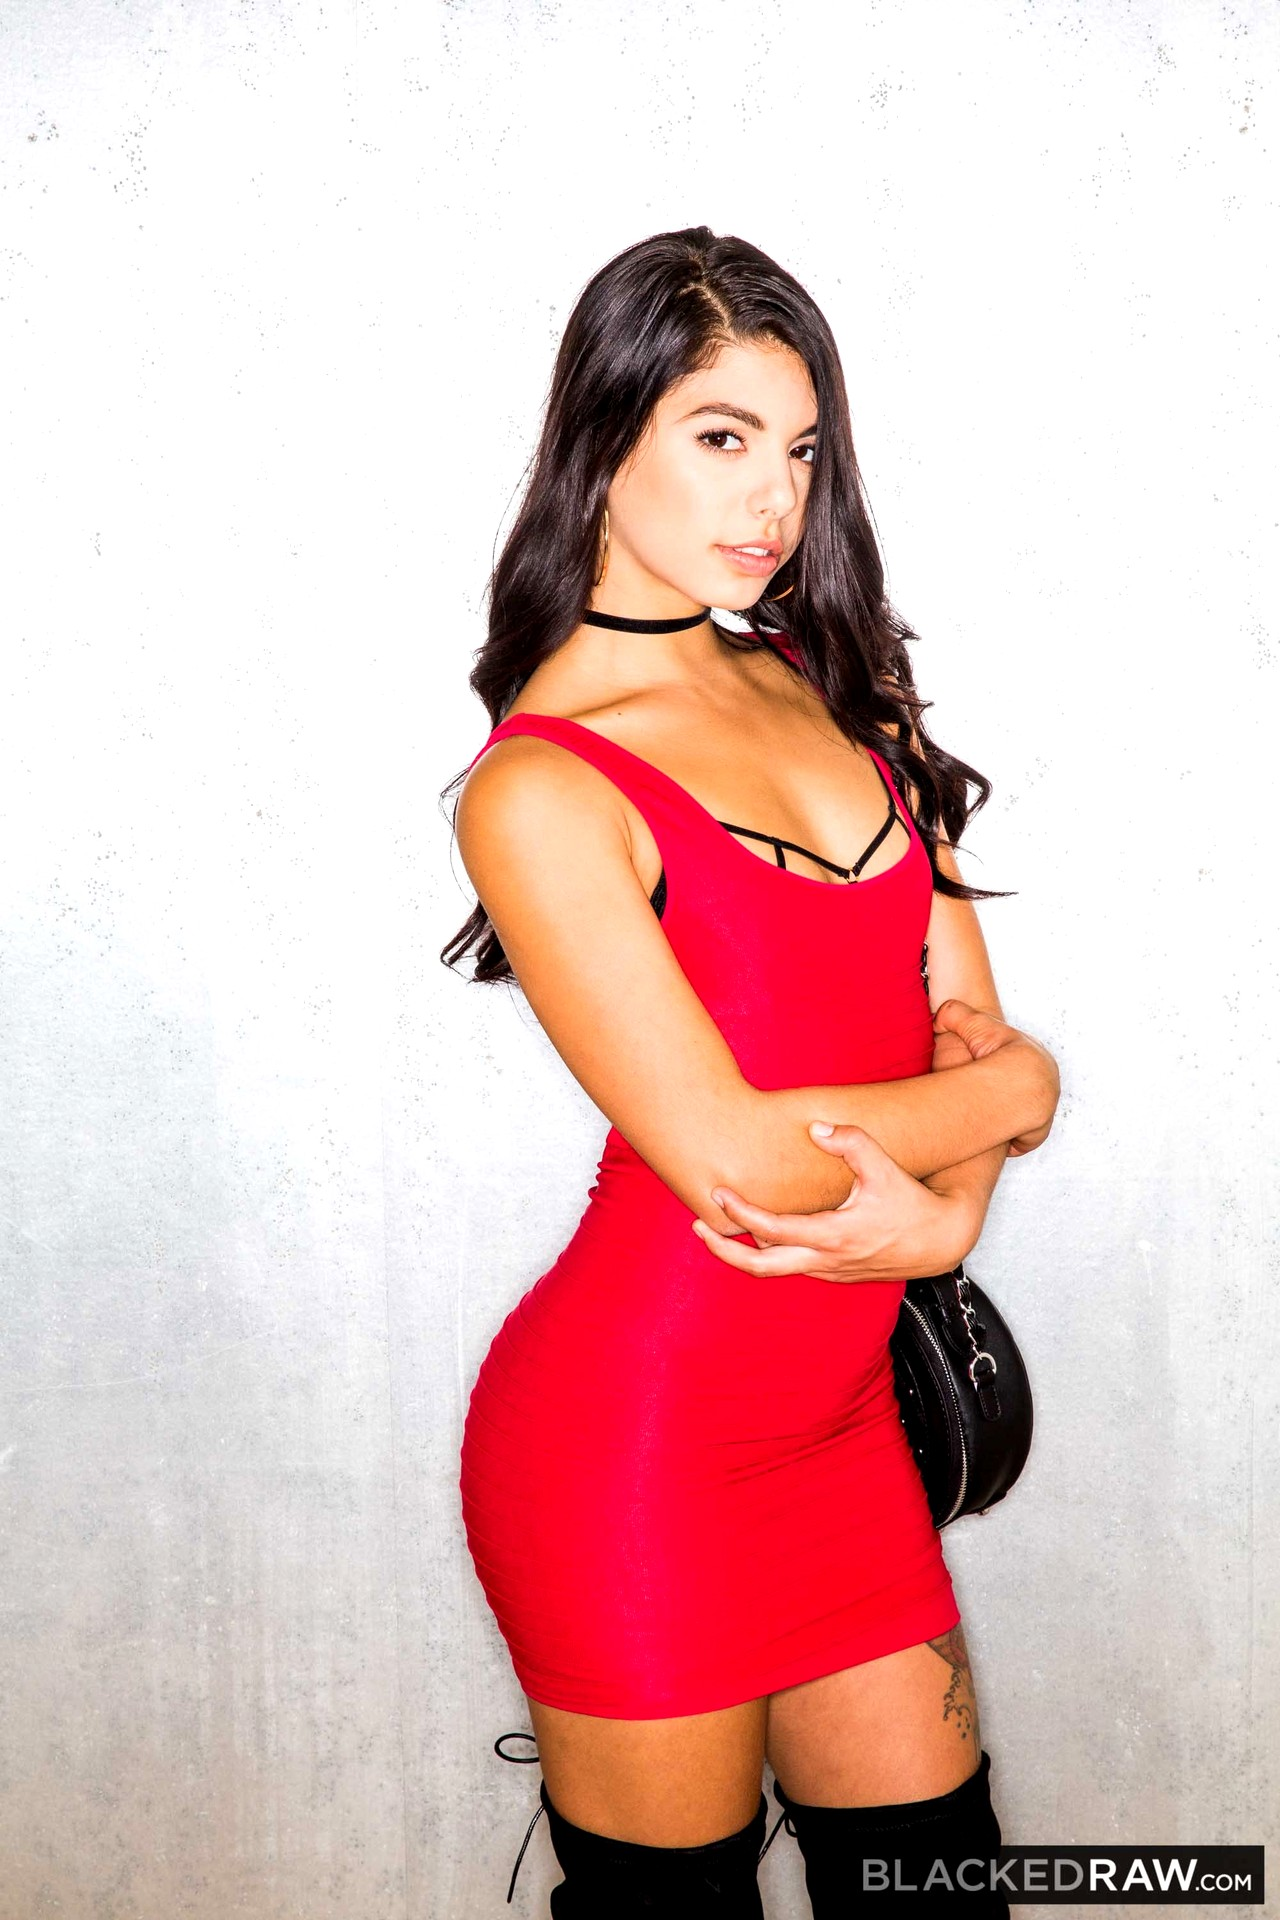 Babe Today Blacked Raw Gina Valentina Upskirts Interracial